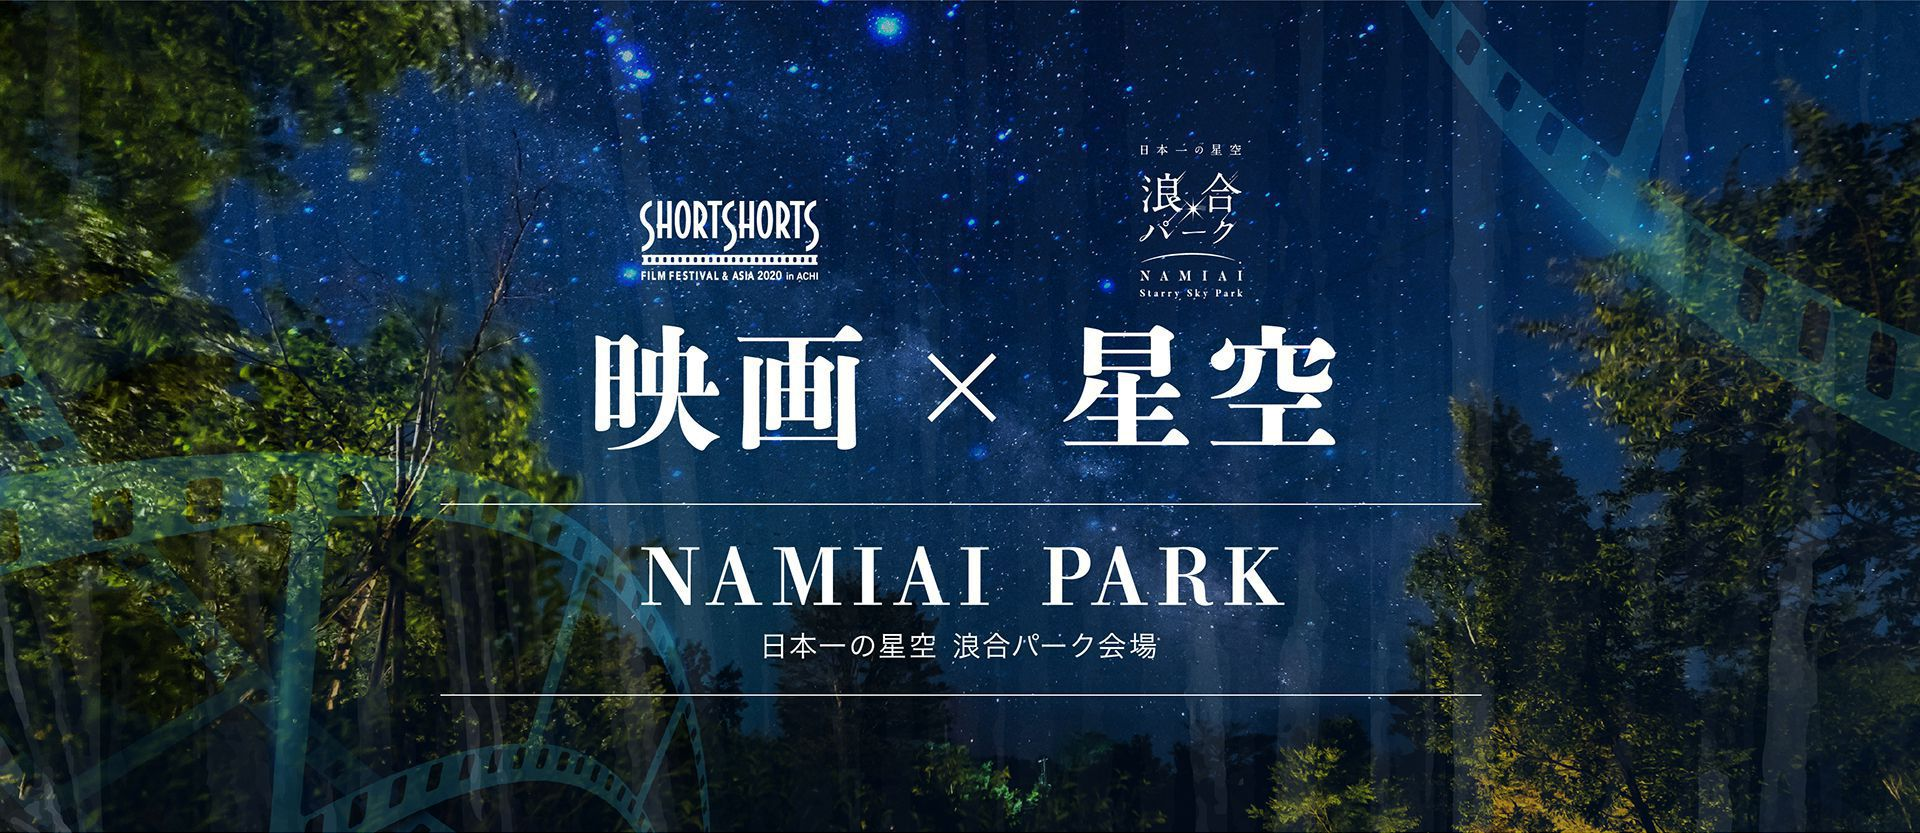 映画×星空NAMIAI PARK